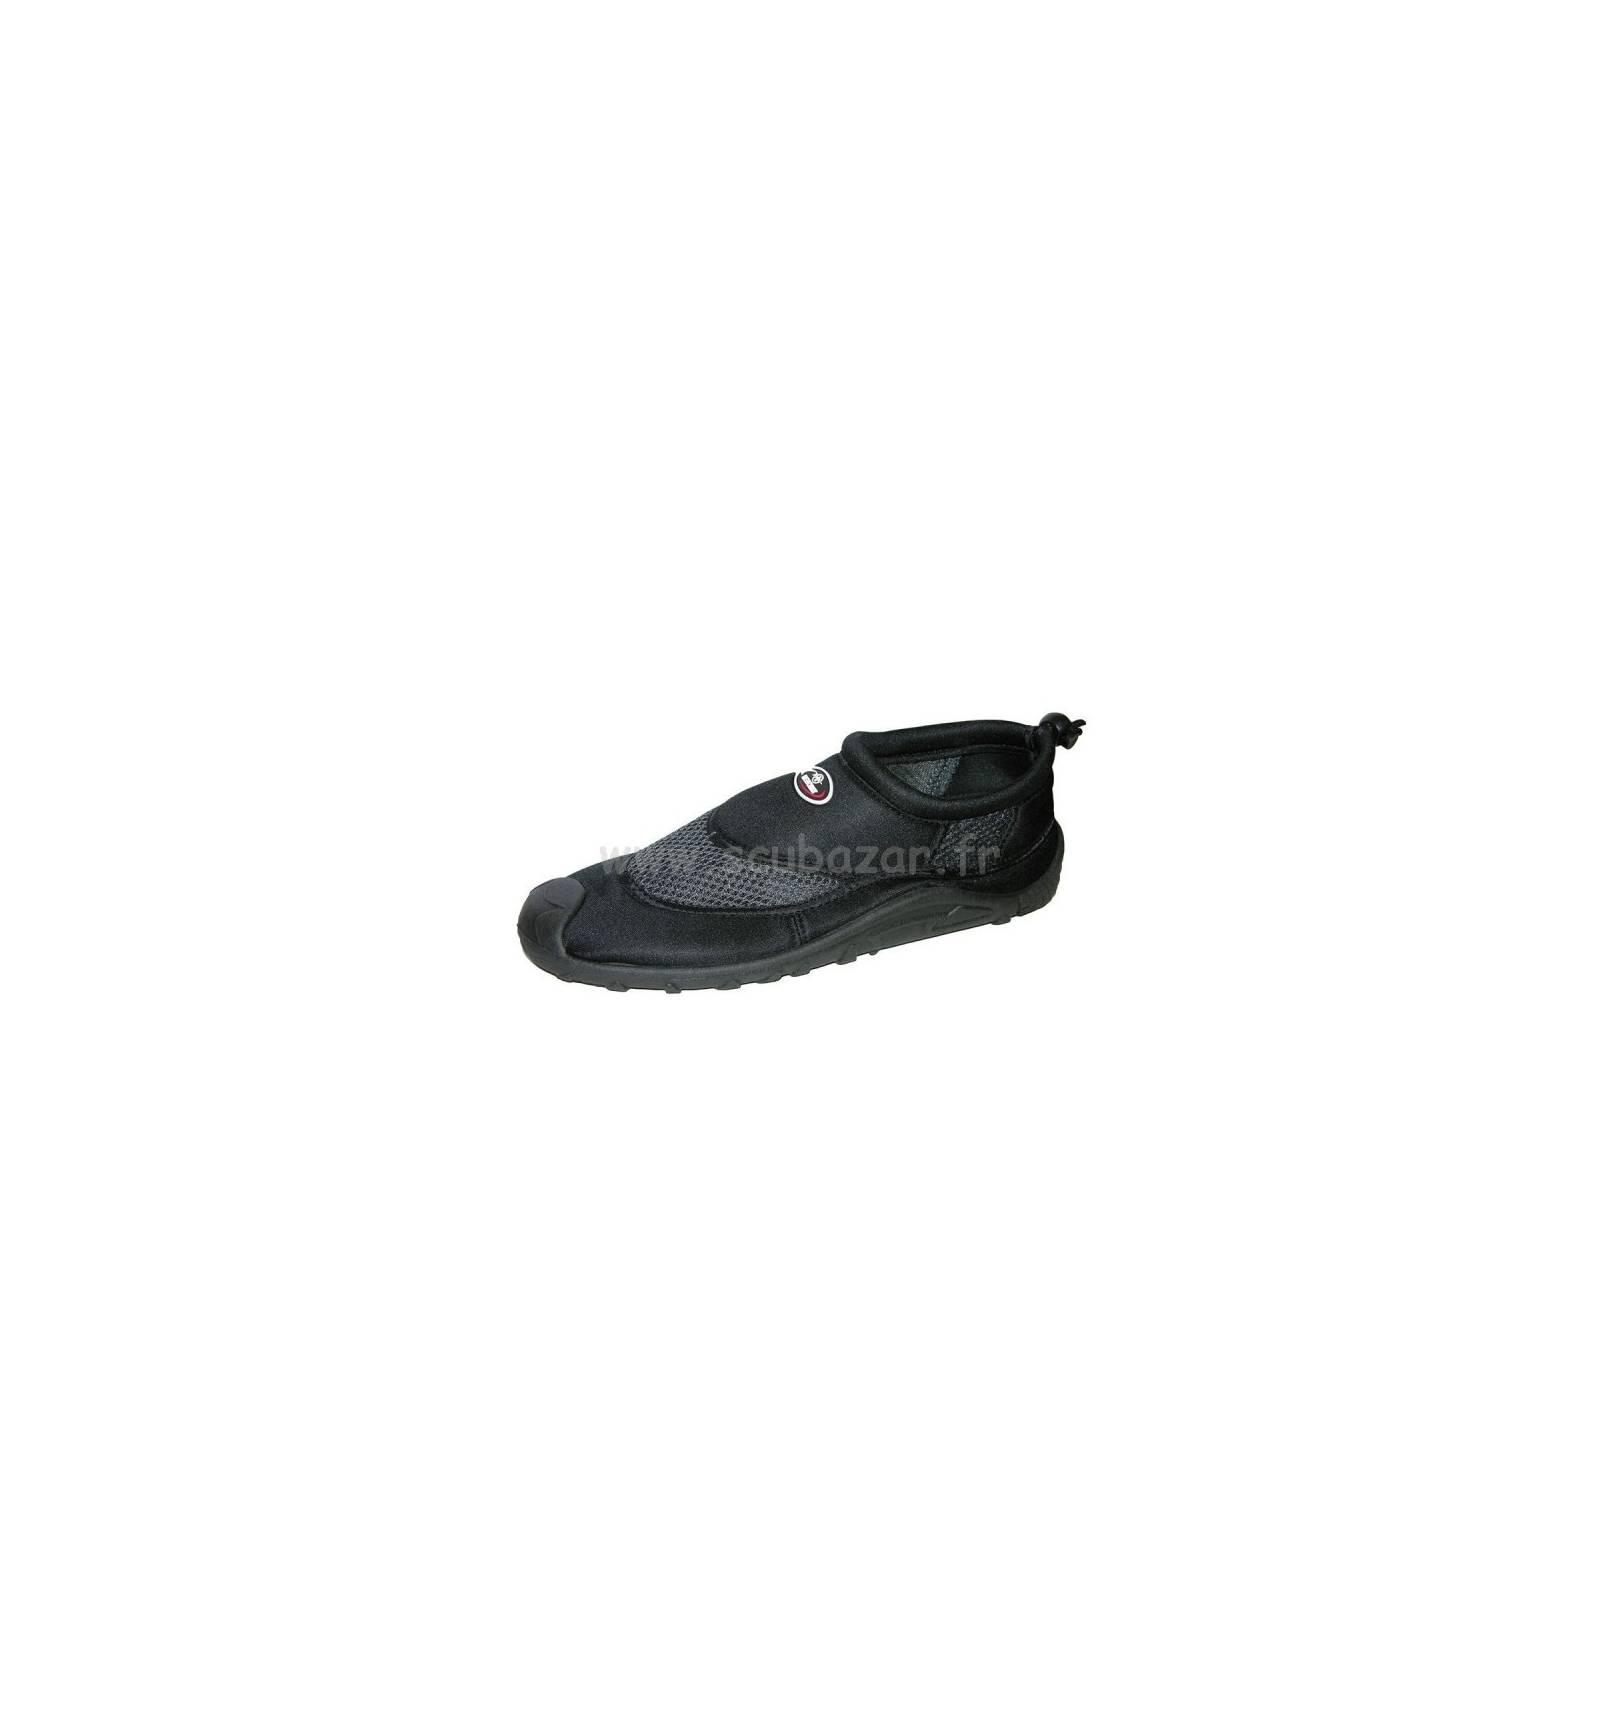 chaussures de plage enfant beuchat plong e chaussures de plage chez scubazar. Black Bedroom Furniture Sets. Home Design Ideas